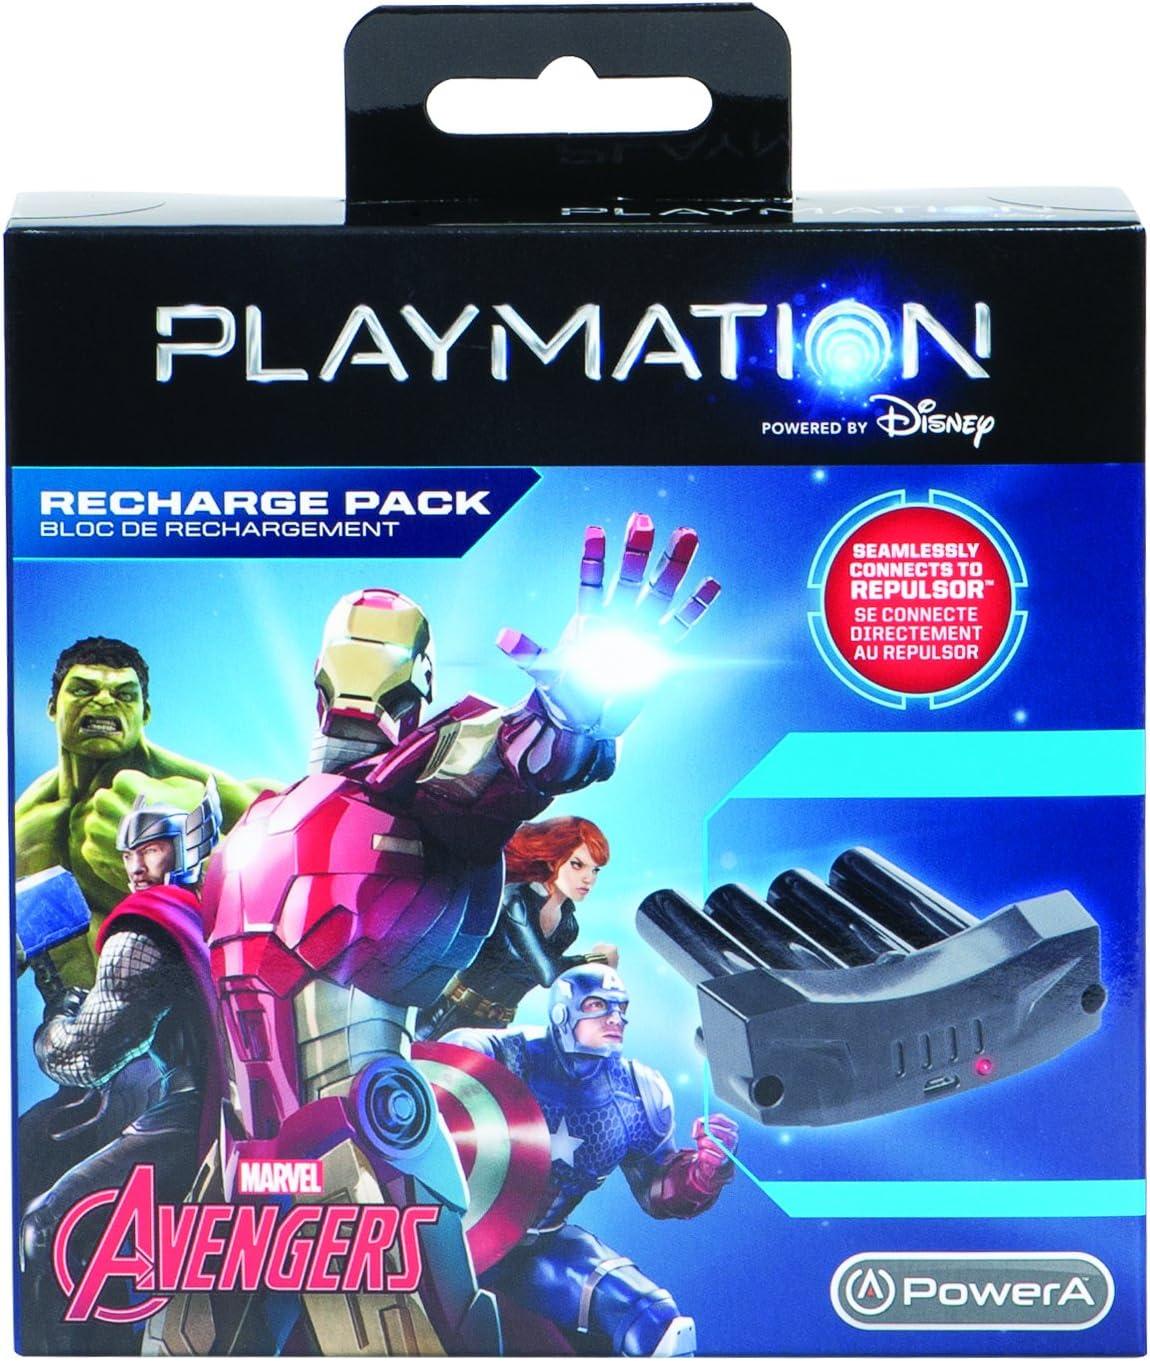 Disney playmation Power Rechargeable Power Pack Avengers se connecte à Repulsor